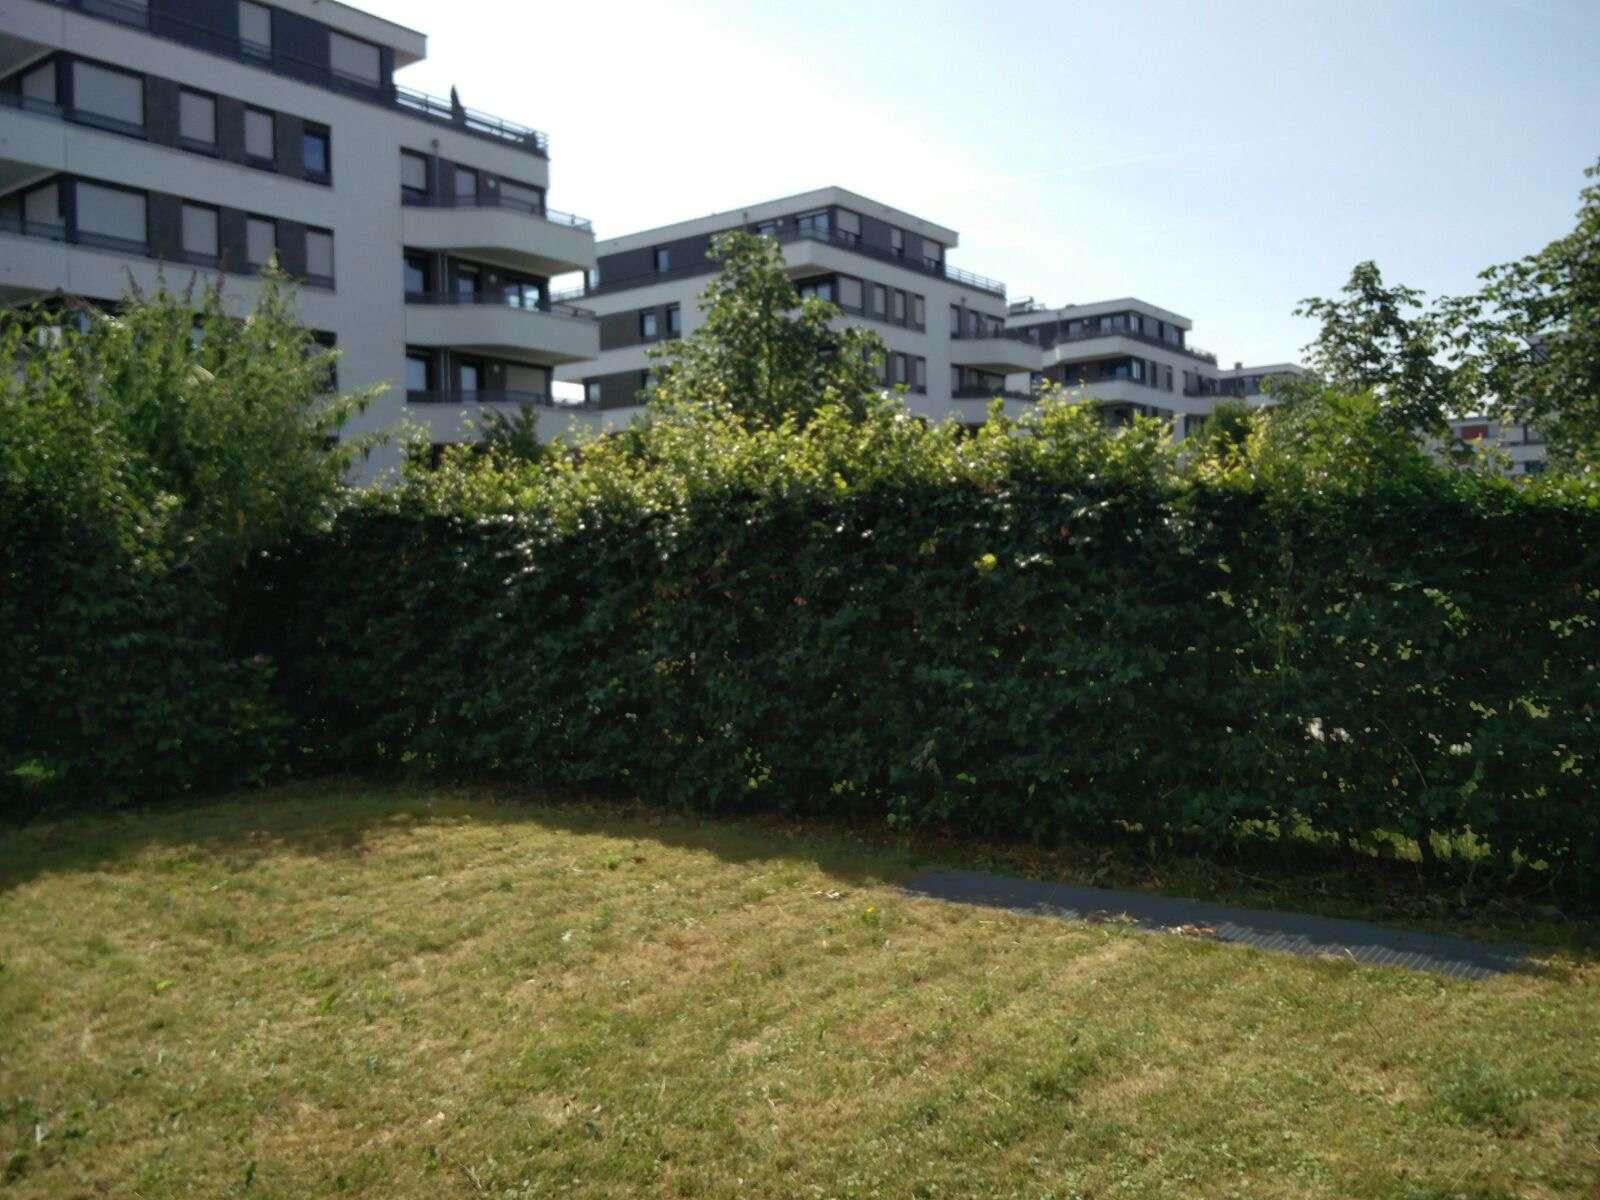 Wunderschöne 4-Zimmer-Erdgeschosswohnung mit EBK und Garten in Schwabing/Freimann, München in Schwabing (München)